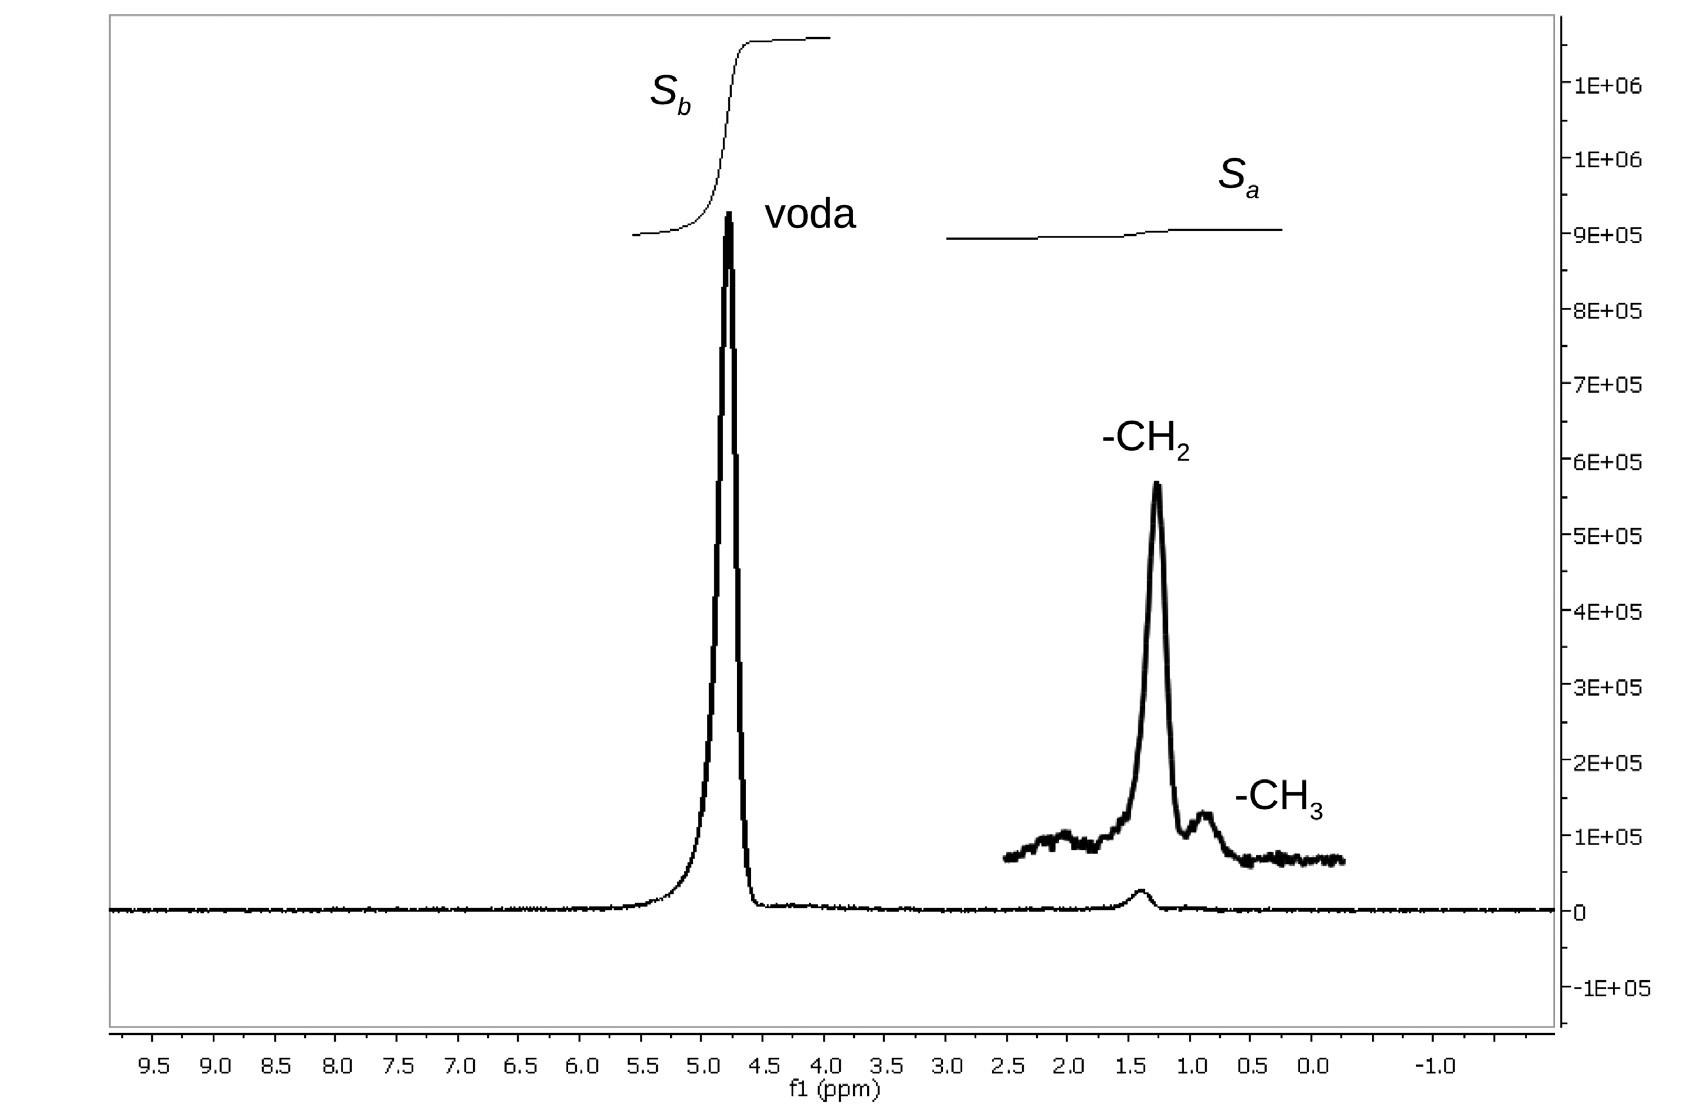 Typické 1H MR spektrum z objemu 27 ml naměřené sekvencí PRESS (TE = 30 ms) pacienta zařazeného do skupiny S0 (počet poškozených hepatocytů 2 %, φ<sub>tuk</sub> = 0,7) S<sub>a</sub> a S<sub>b</sub> jsou hodnoty intenzit signálů alifatických vodíkových atomů a vody.